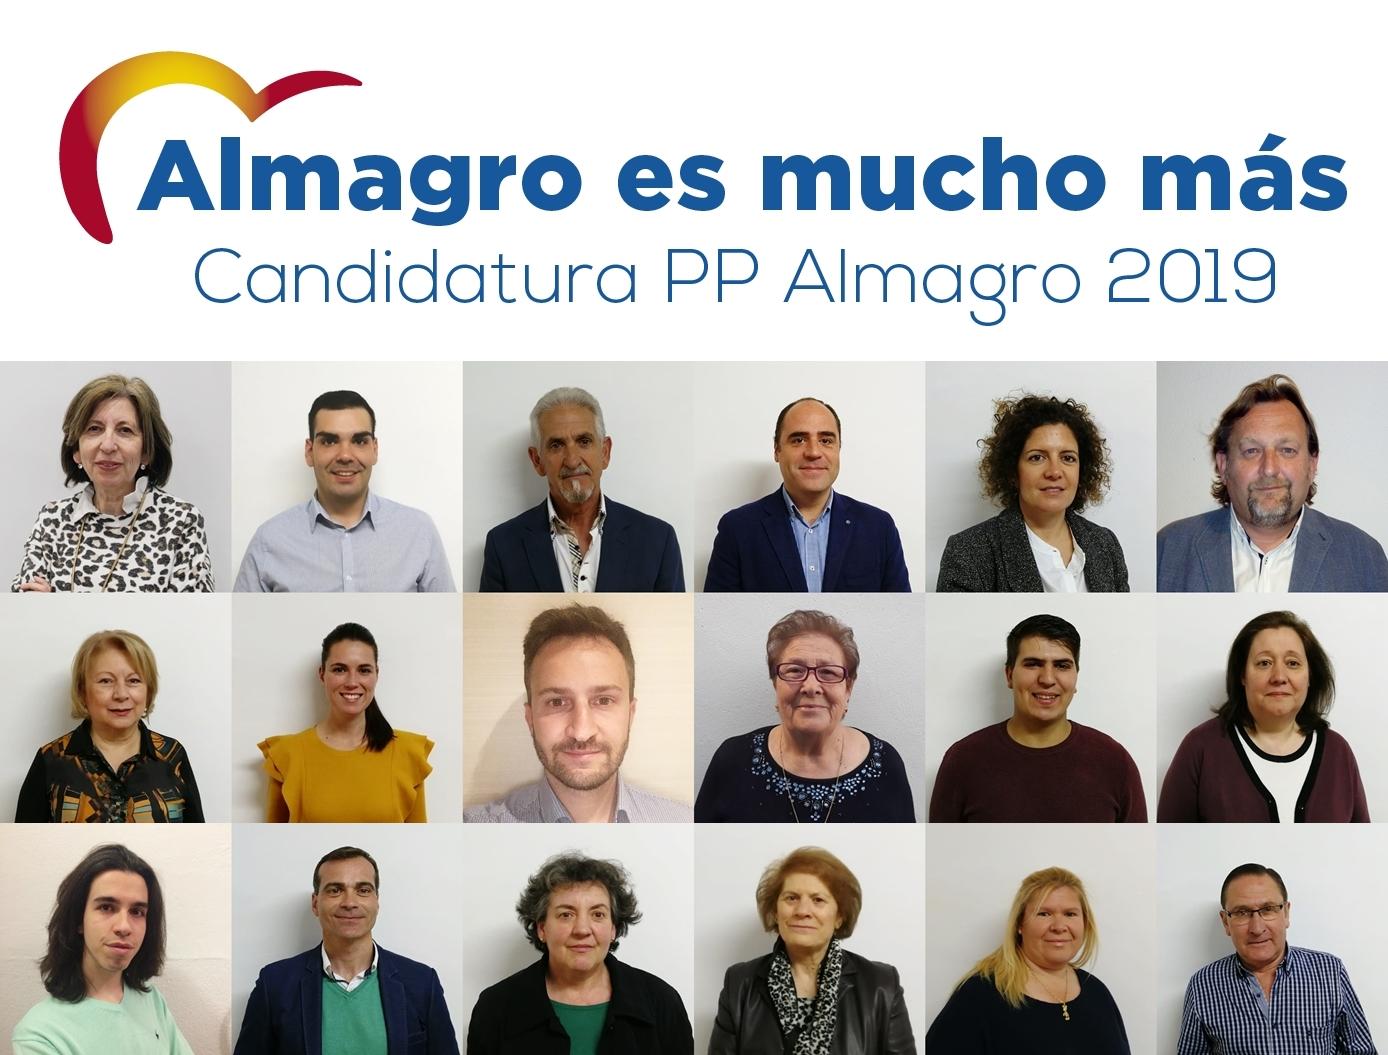 El Pp De Almagro Presenta Su Candidatura A La Alcaldia